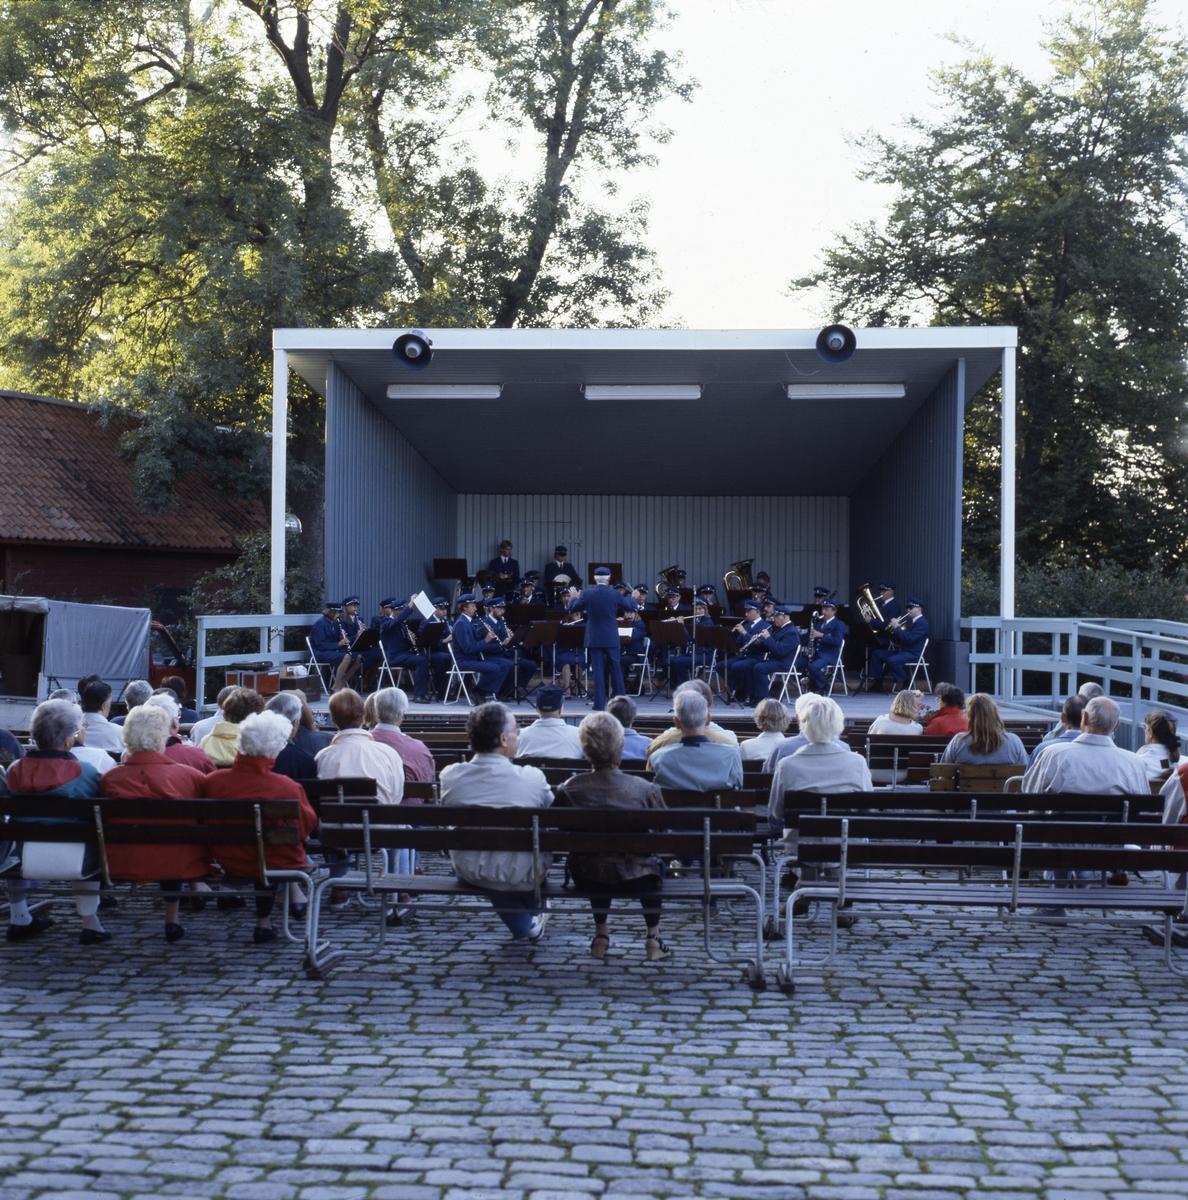 Arboga Blåsorkester uppträder på scenen i Olof Ahllöfs park. Publiken sitter på bänkar. Scenen är vitmålad och har en ramp på högra sidan.